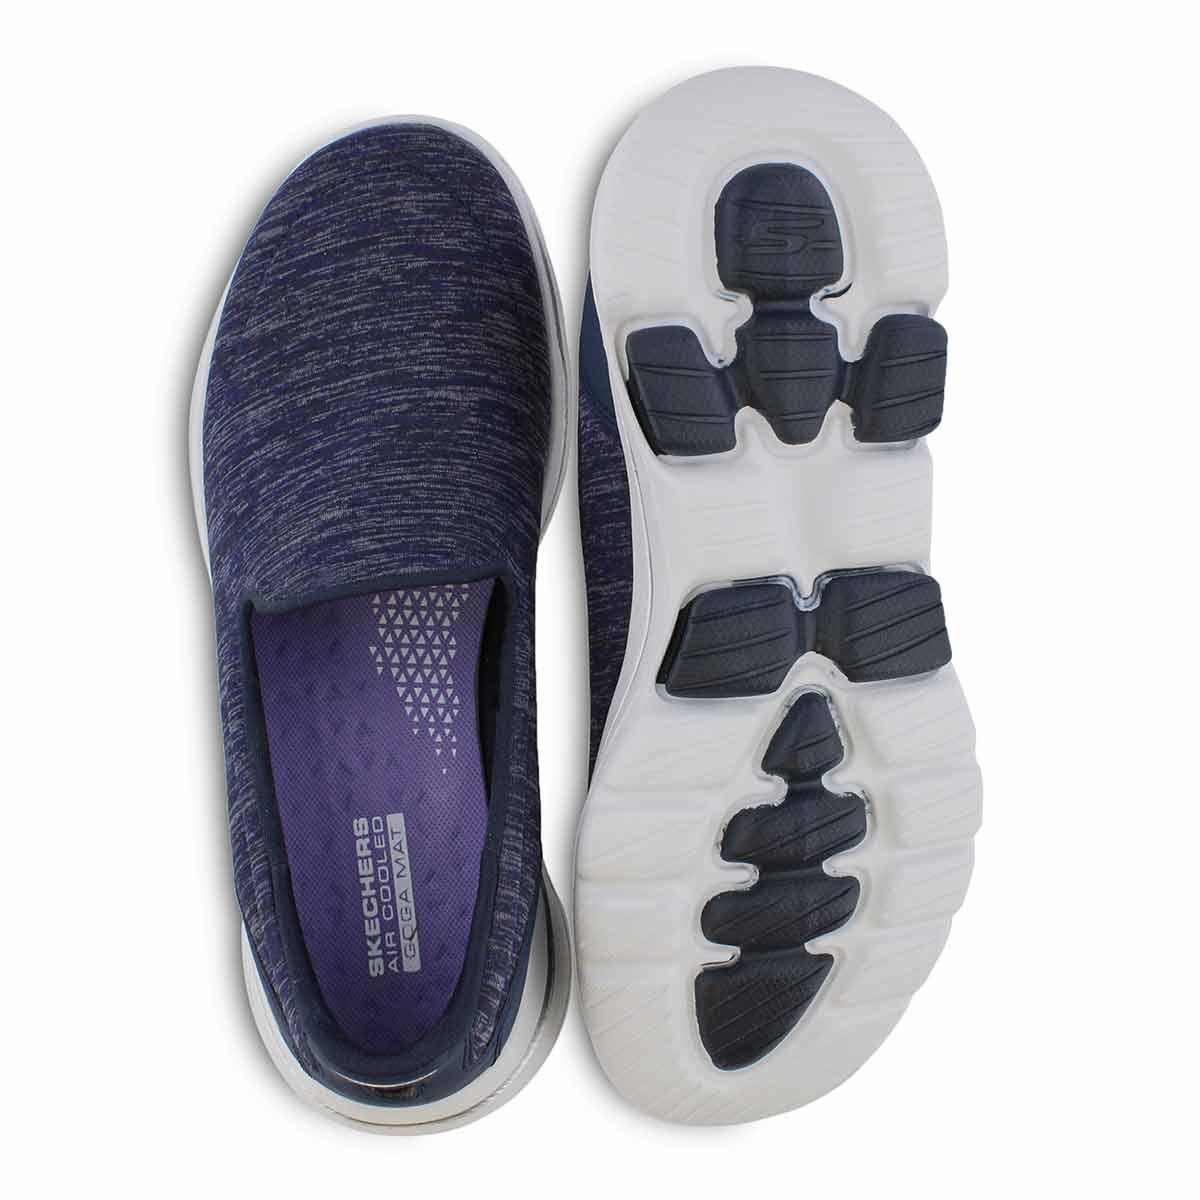 Lds GO Walk 5 Honor nvy/wht slip on shoe